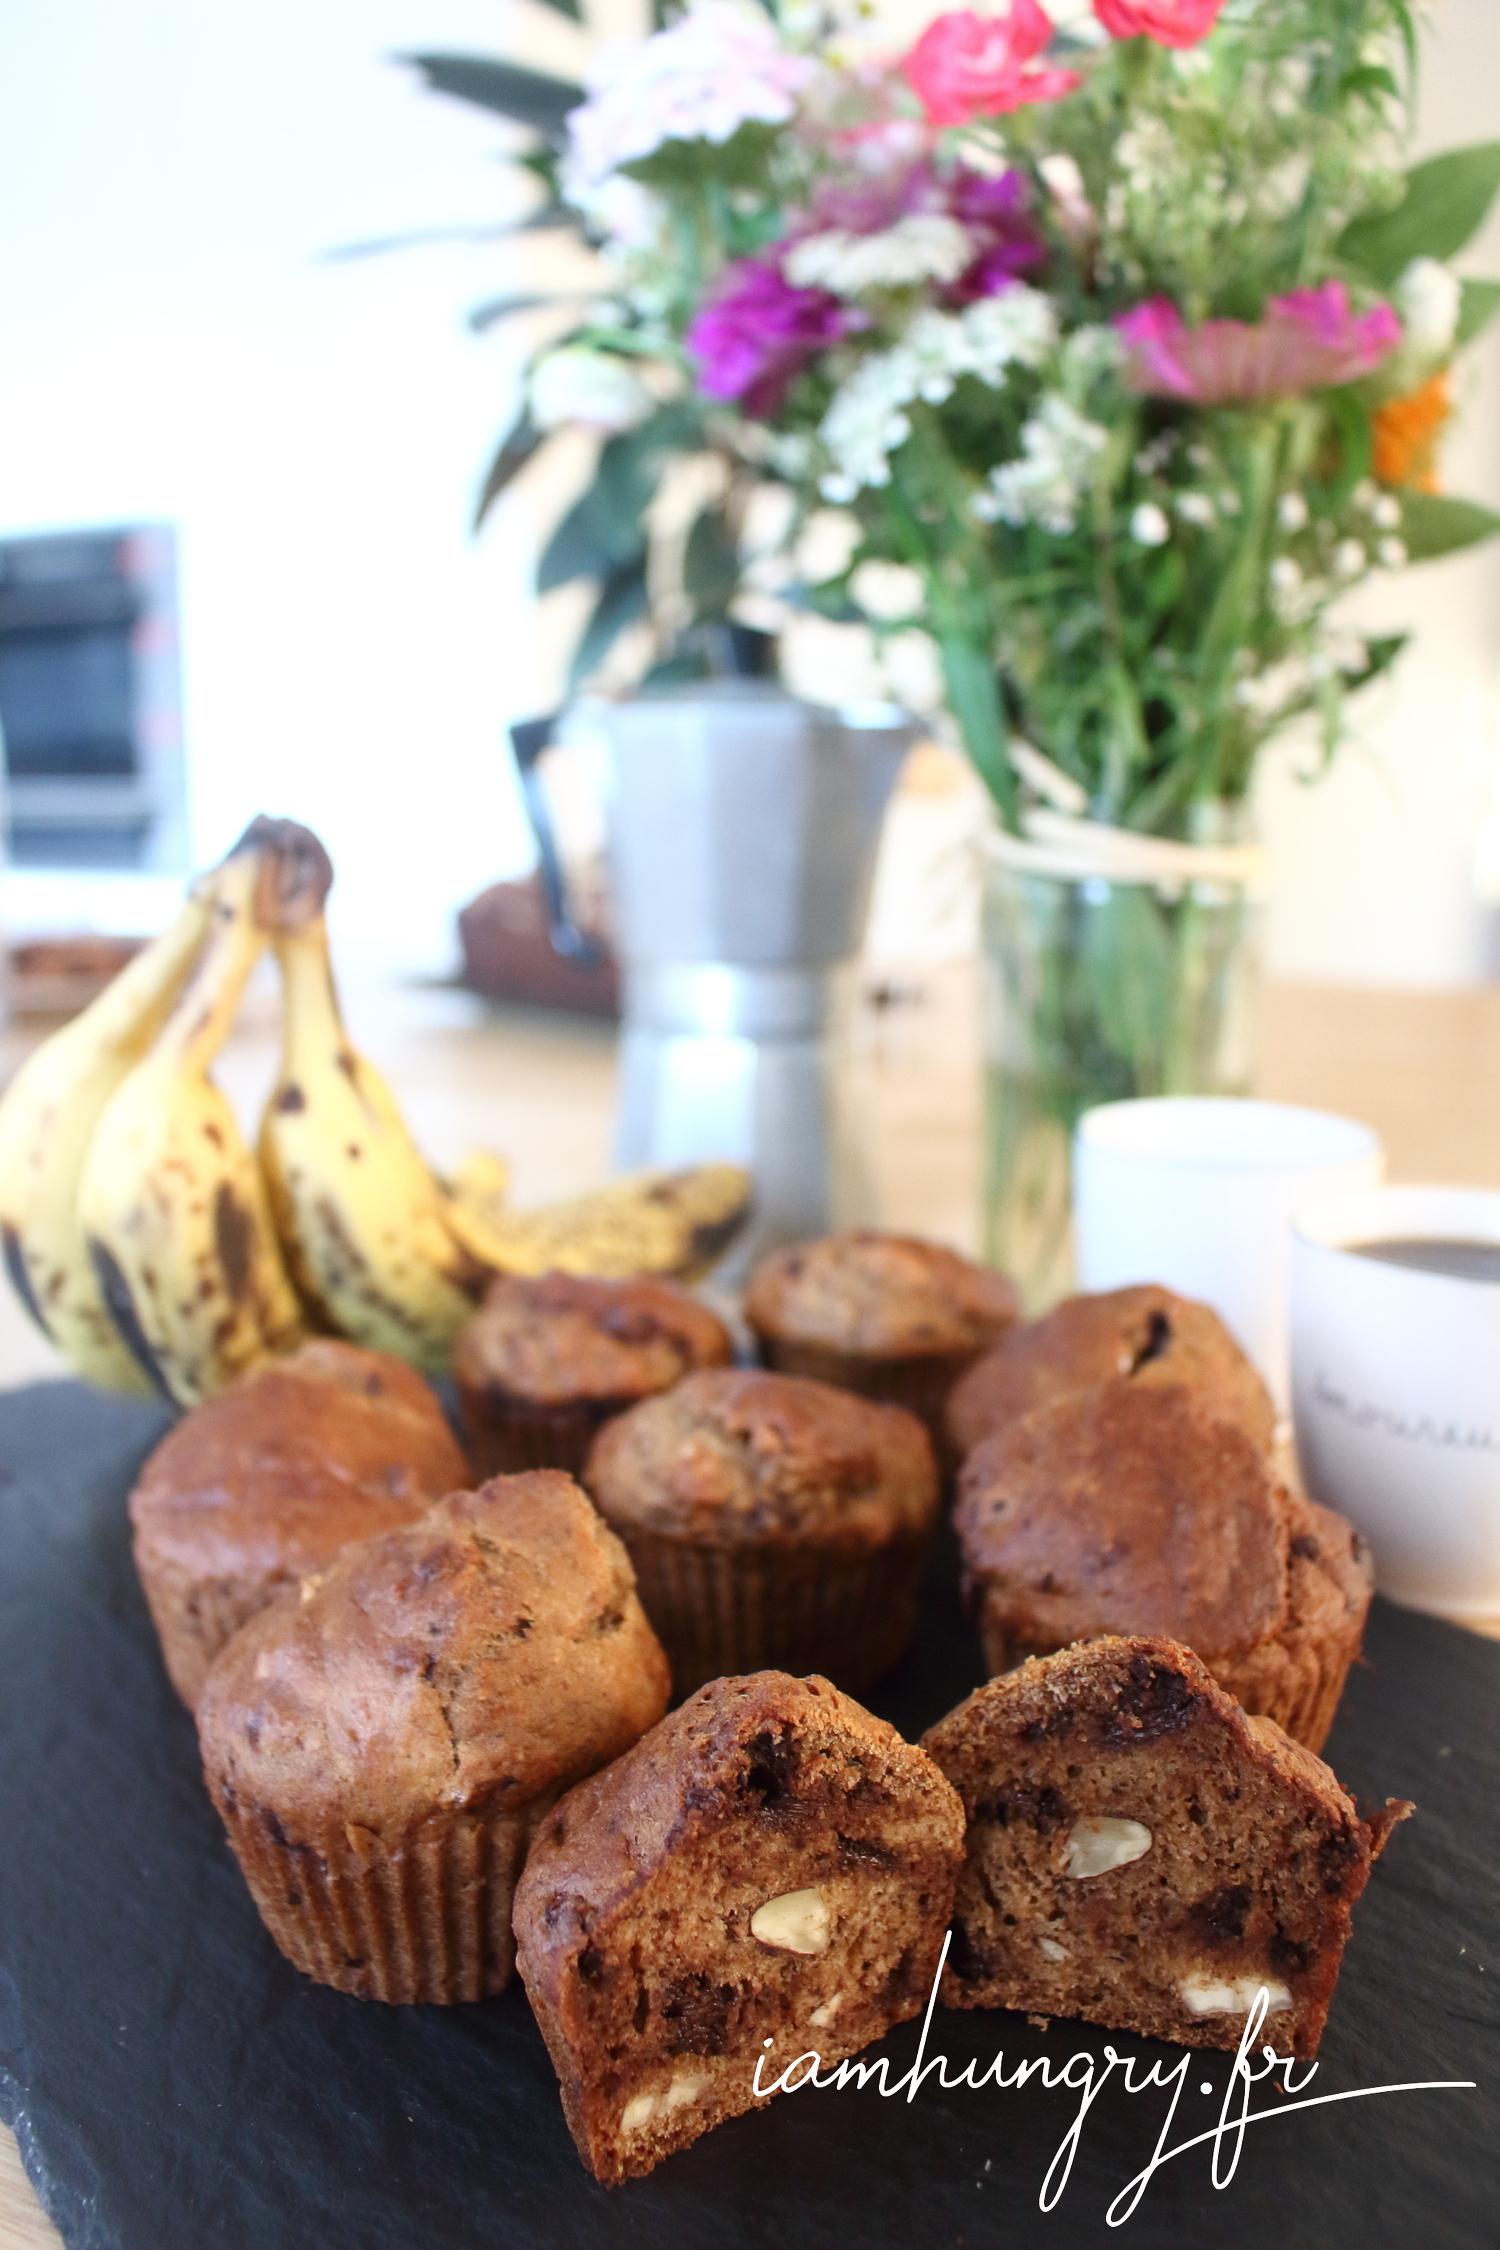 Muffins végans banane et amandes